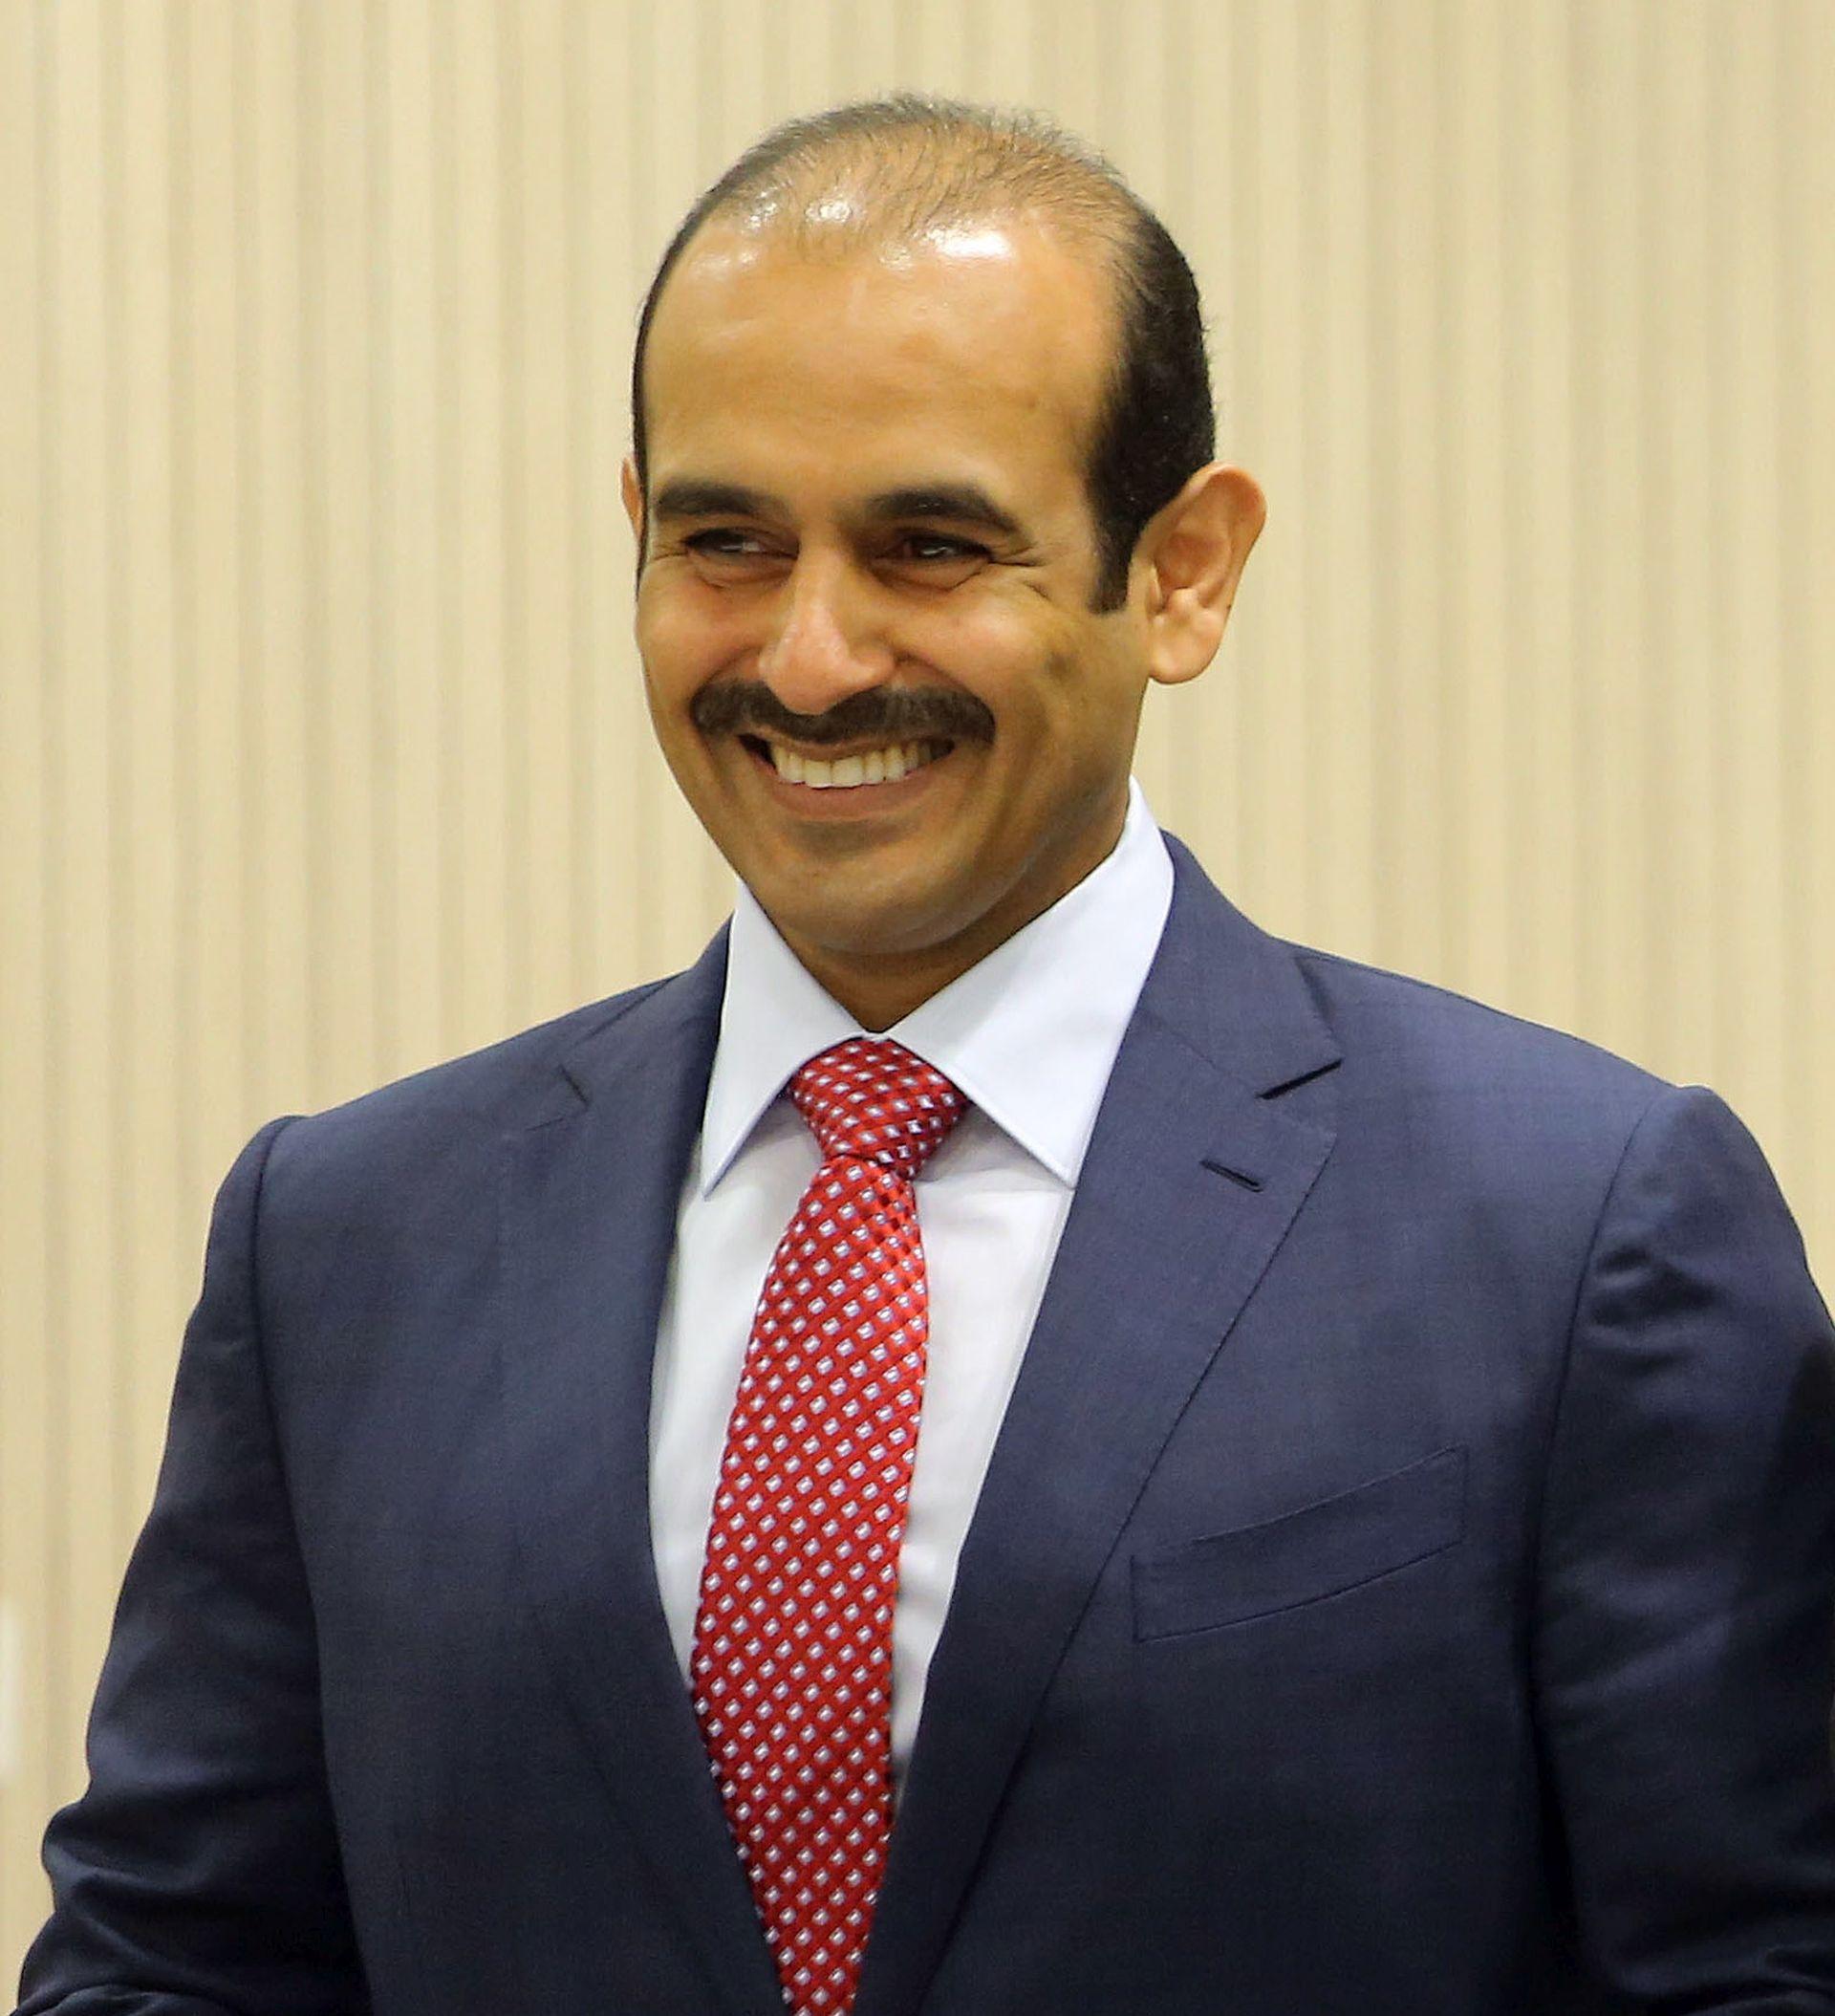 Katar se povlači iz OPEC-a 1. siječnja